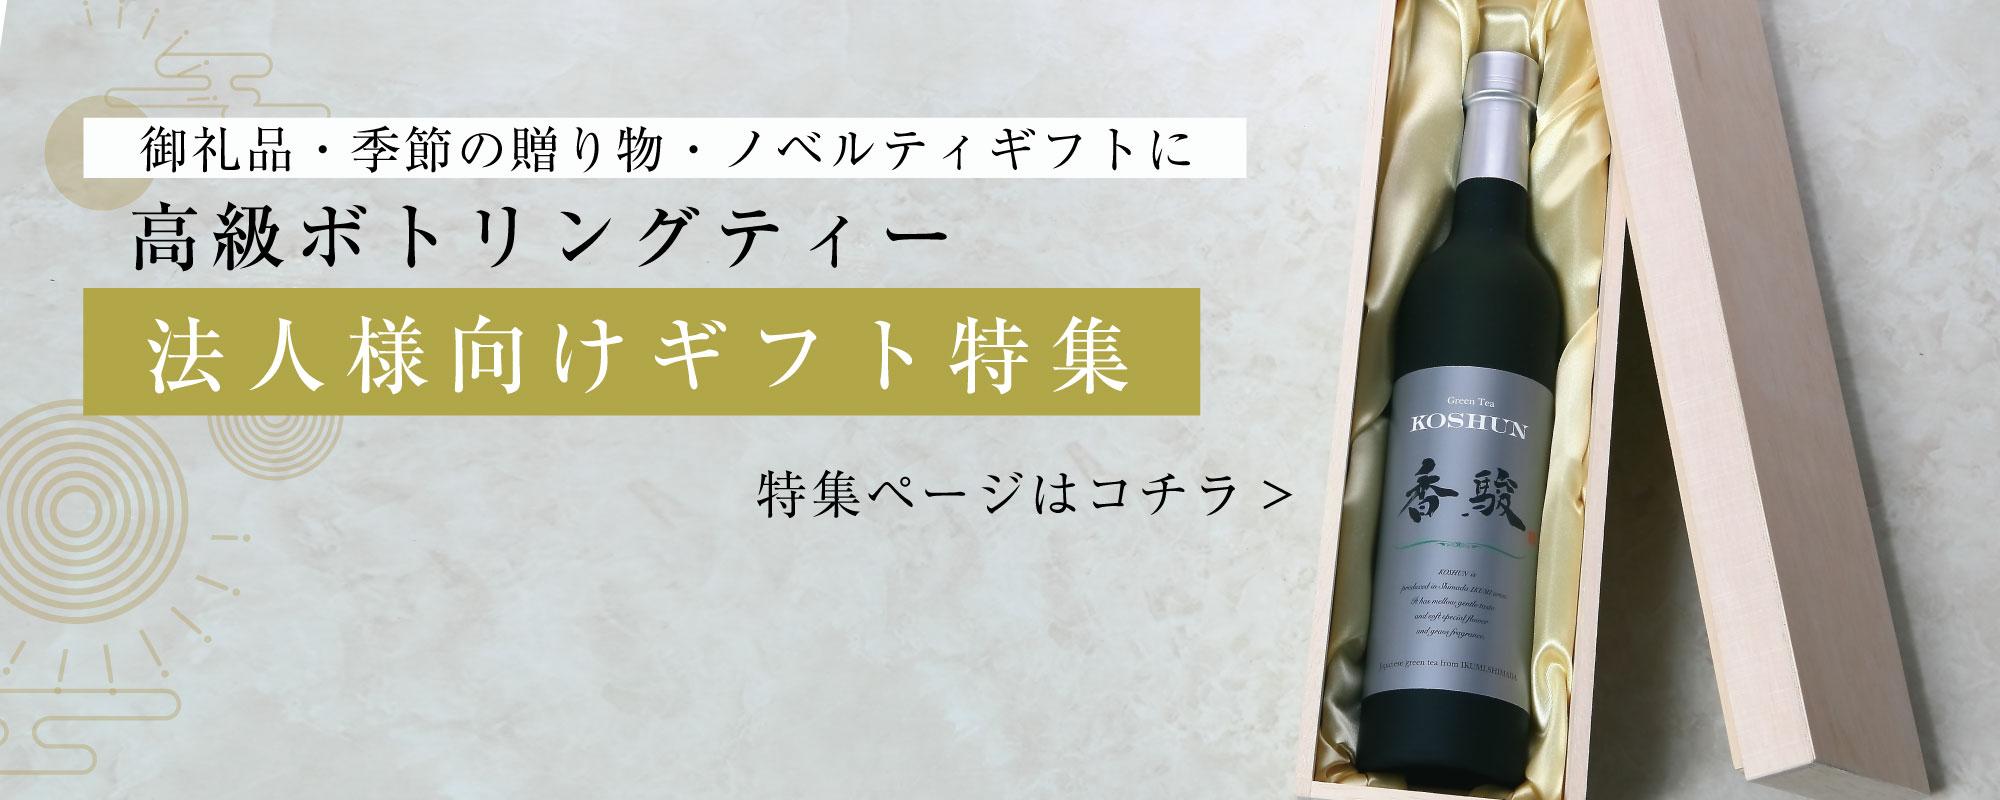 ボトリングティー法人ギフトページ